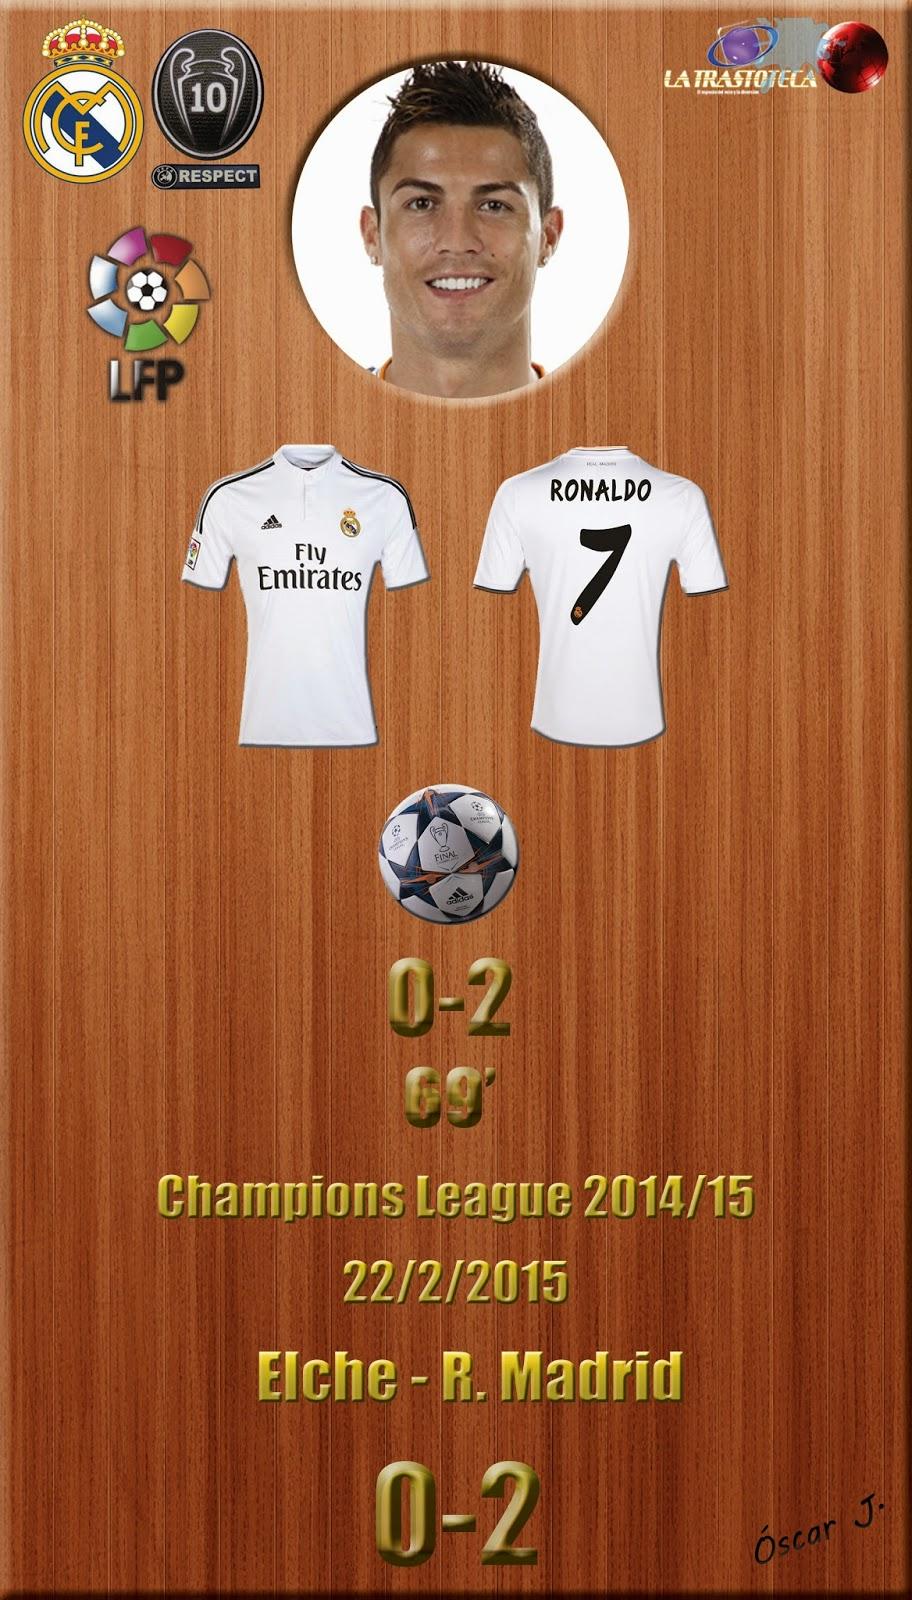 Elche 0- 2 Real Madrid - Liga 2014/15 - Jornada 24 - (22/2/2015)